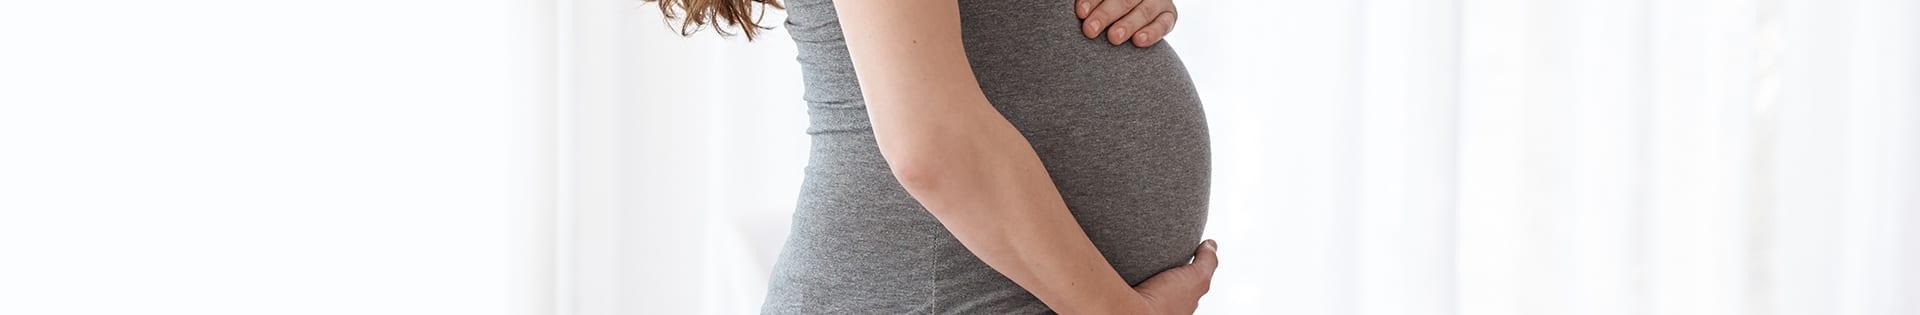 Técnicas de reprodução assistida: conheça a FIV, o coito programado e a inseminação artificial